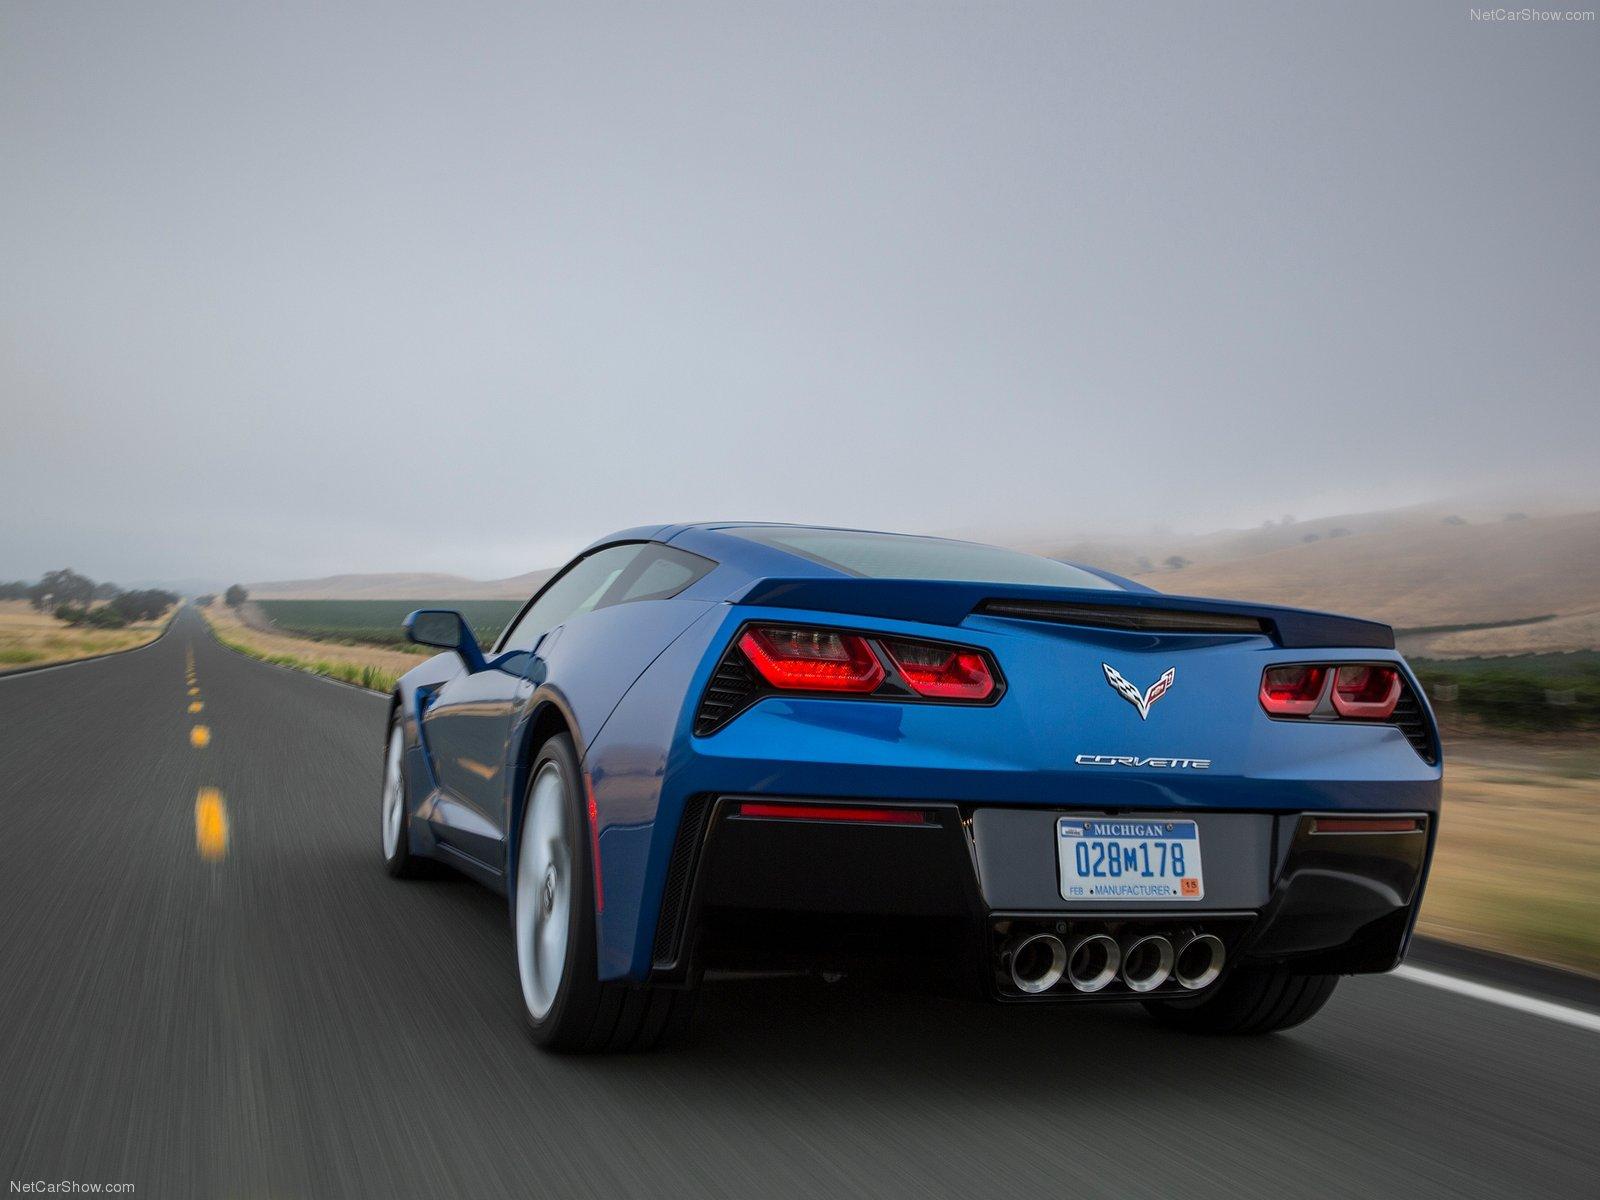 Gallery For gt C7 Corvette Wallpaper Blue 1600x1200